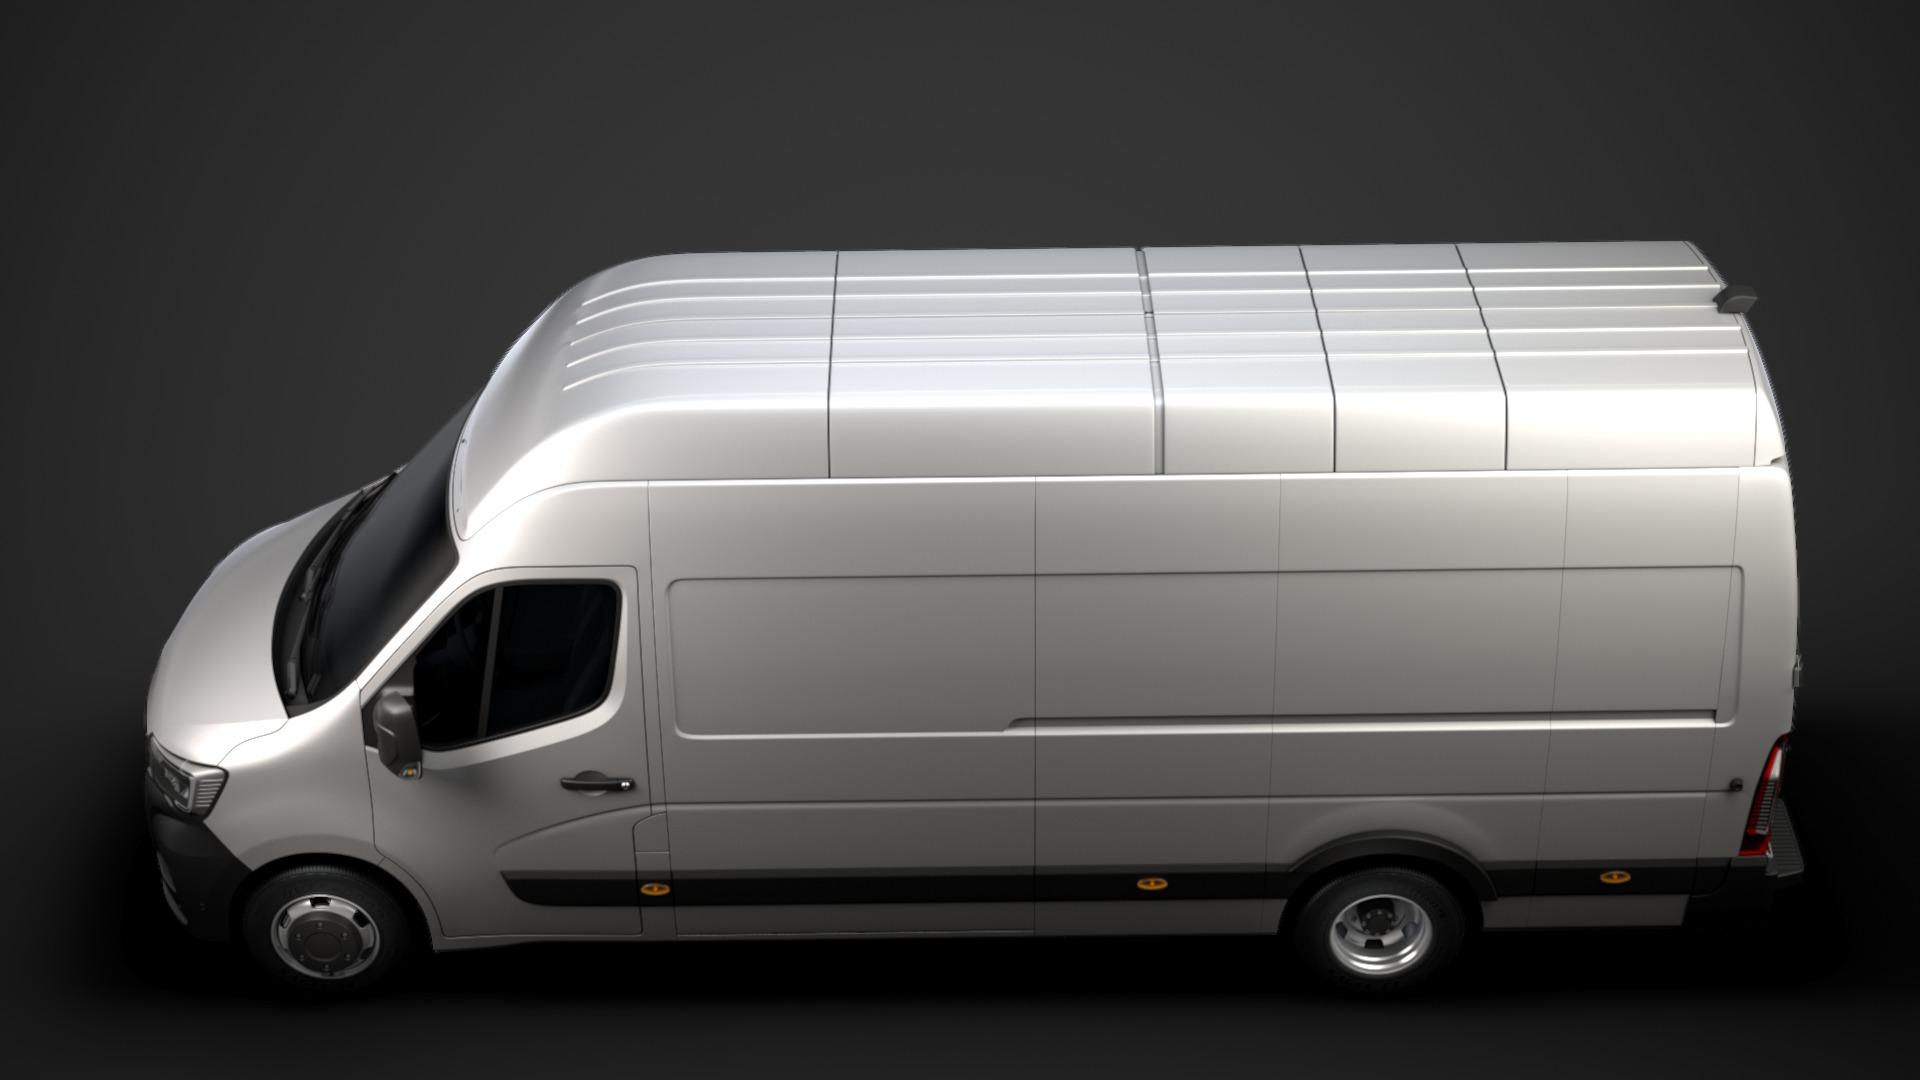 Location d'un utilitaire fourgon maxi surélevé - Renault Master L4H3 15m3 - Vue5